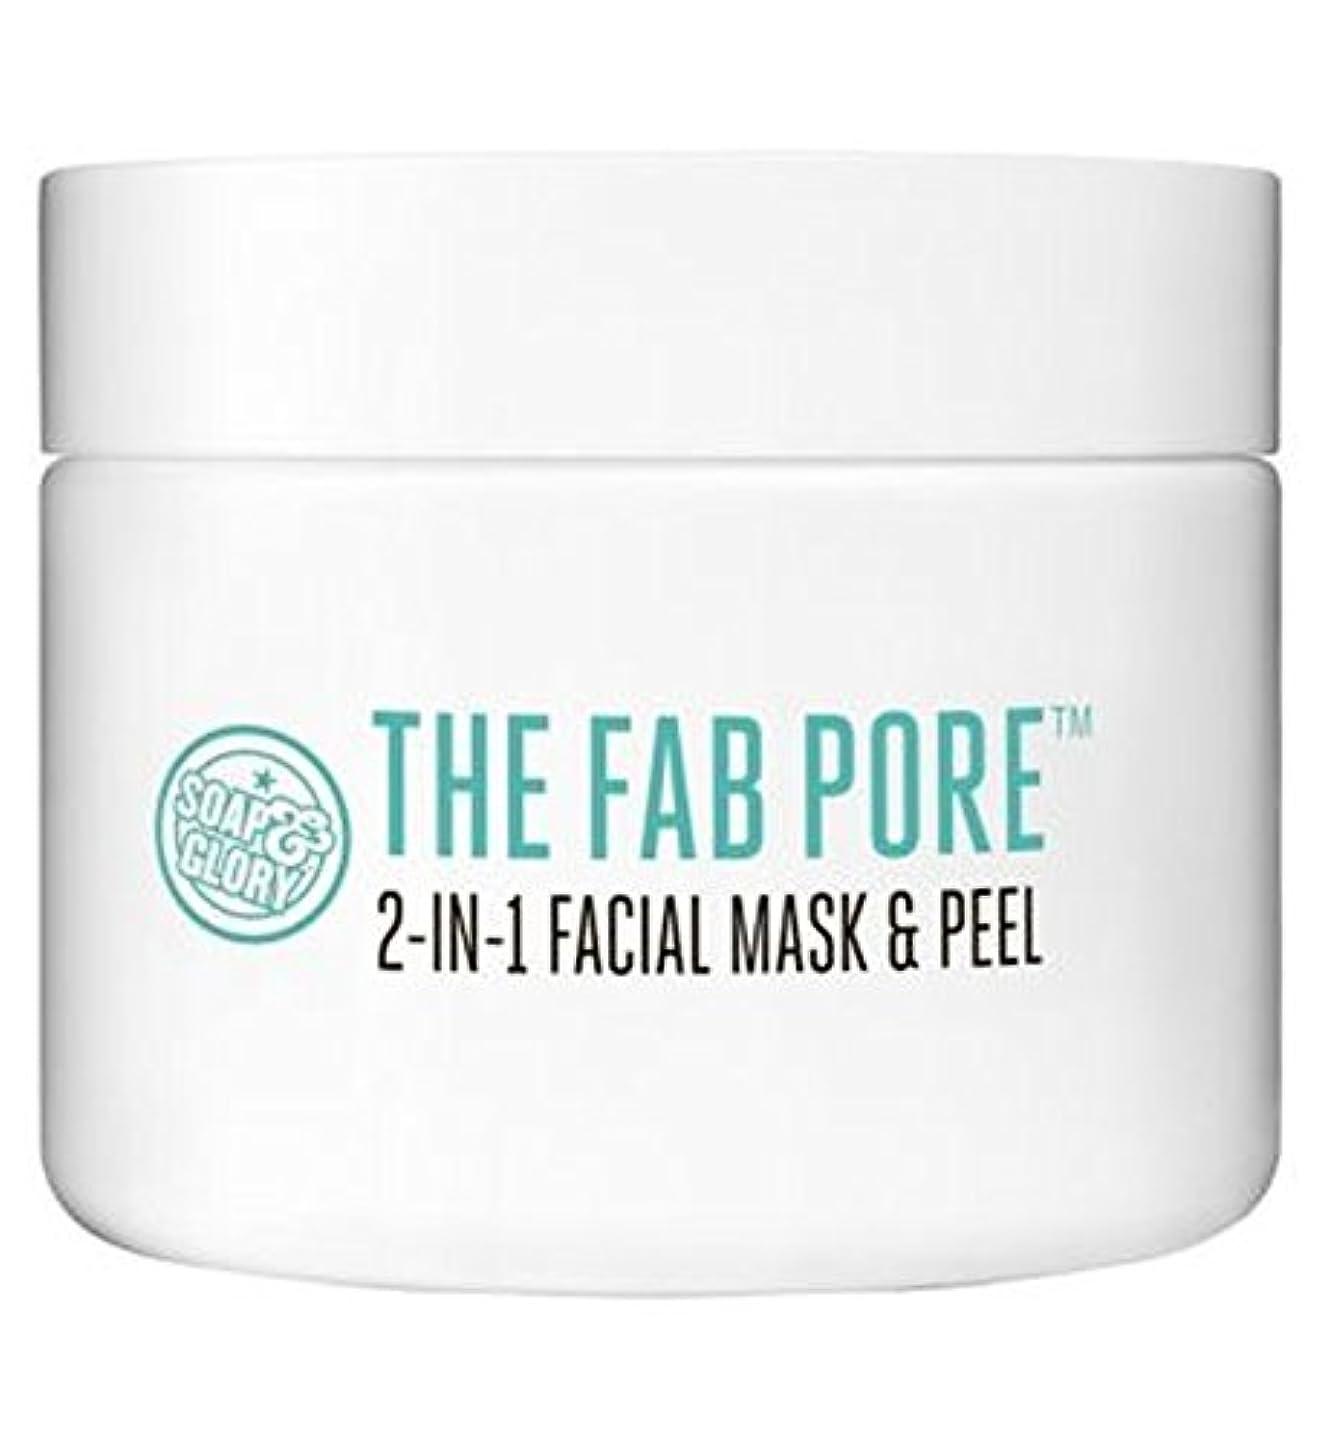 慣習署名安心させるファブ細孔?2イン1顔の細孔浄化マスク&ピール?石鹸&栄光 (Soap & Glory) (x2) - Soap & Glory? Fab Pore? 2-in-1 Facial Pore Purifying Mask...